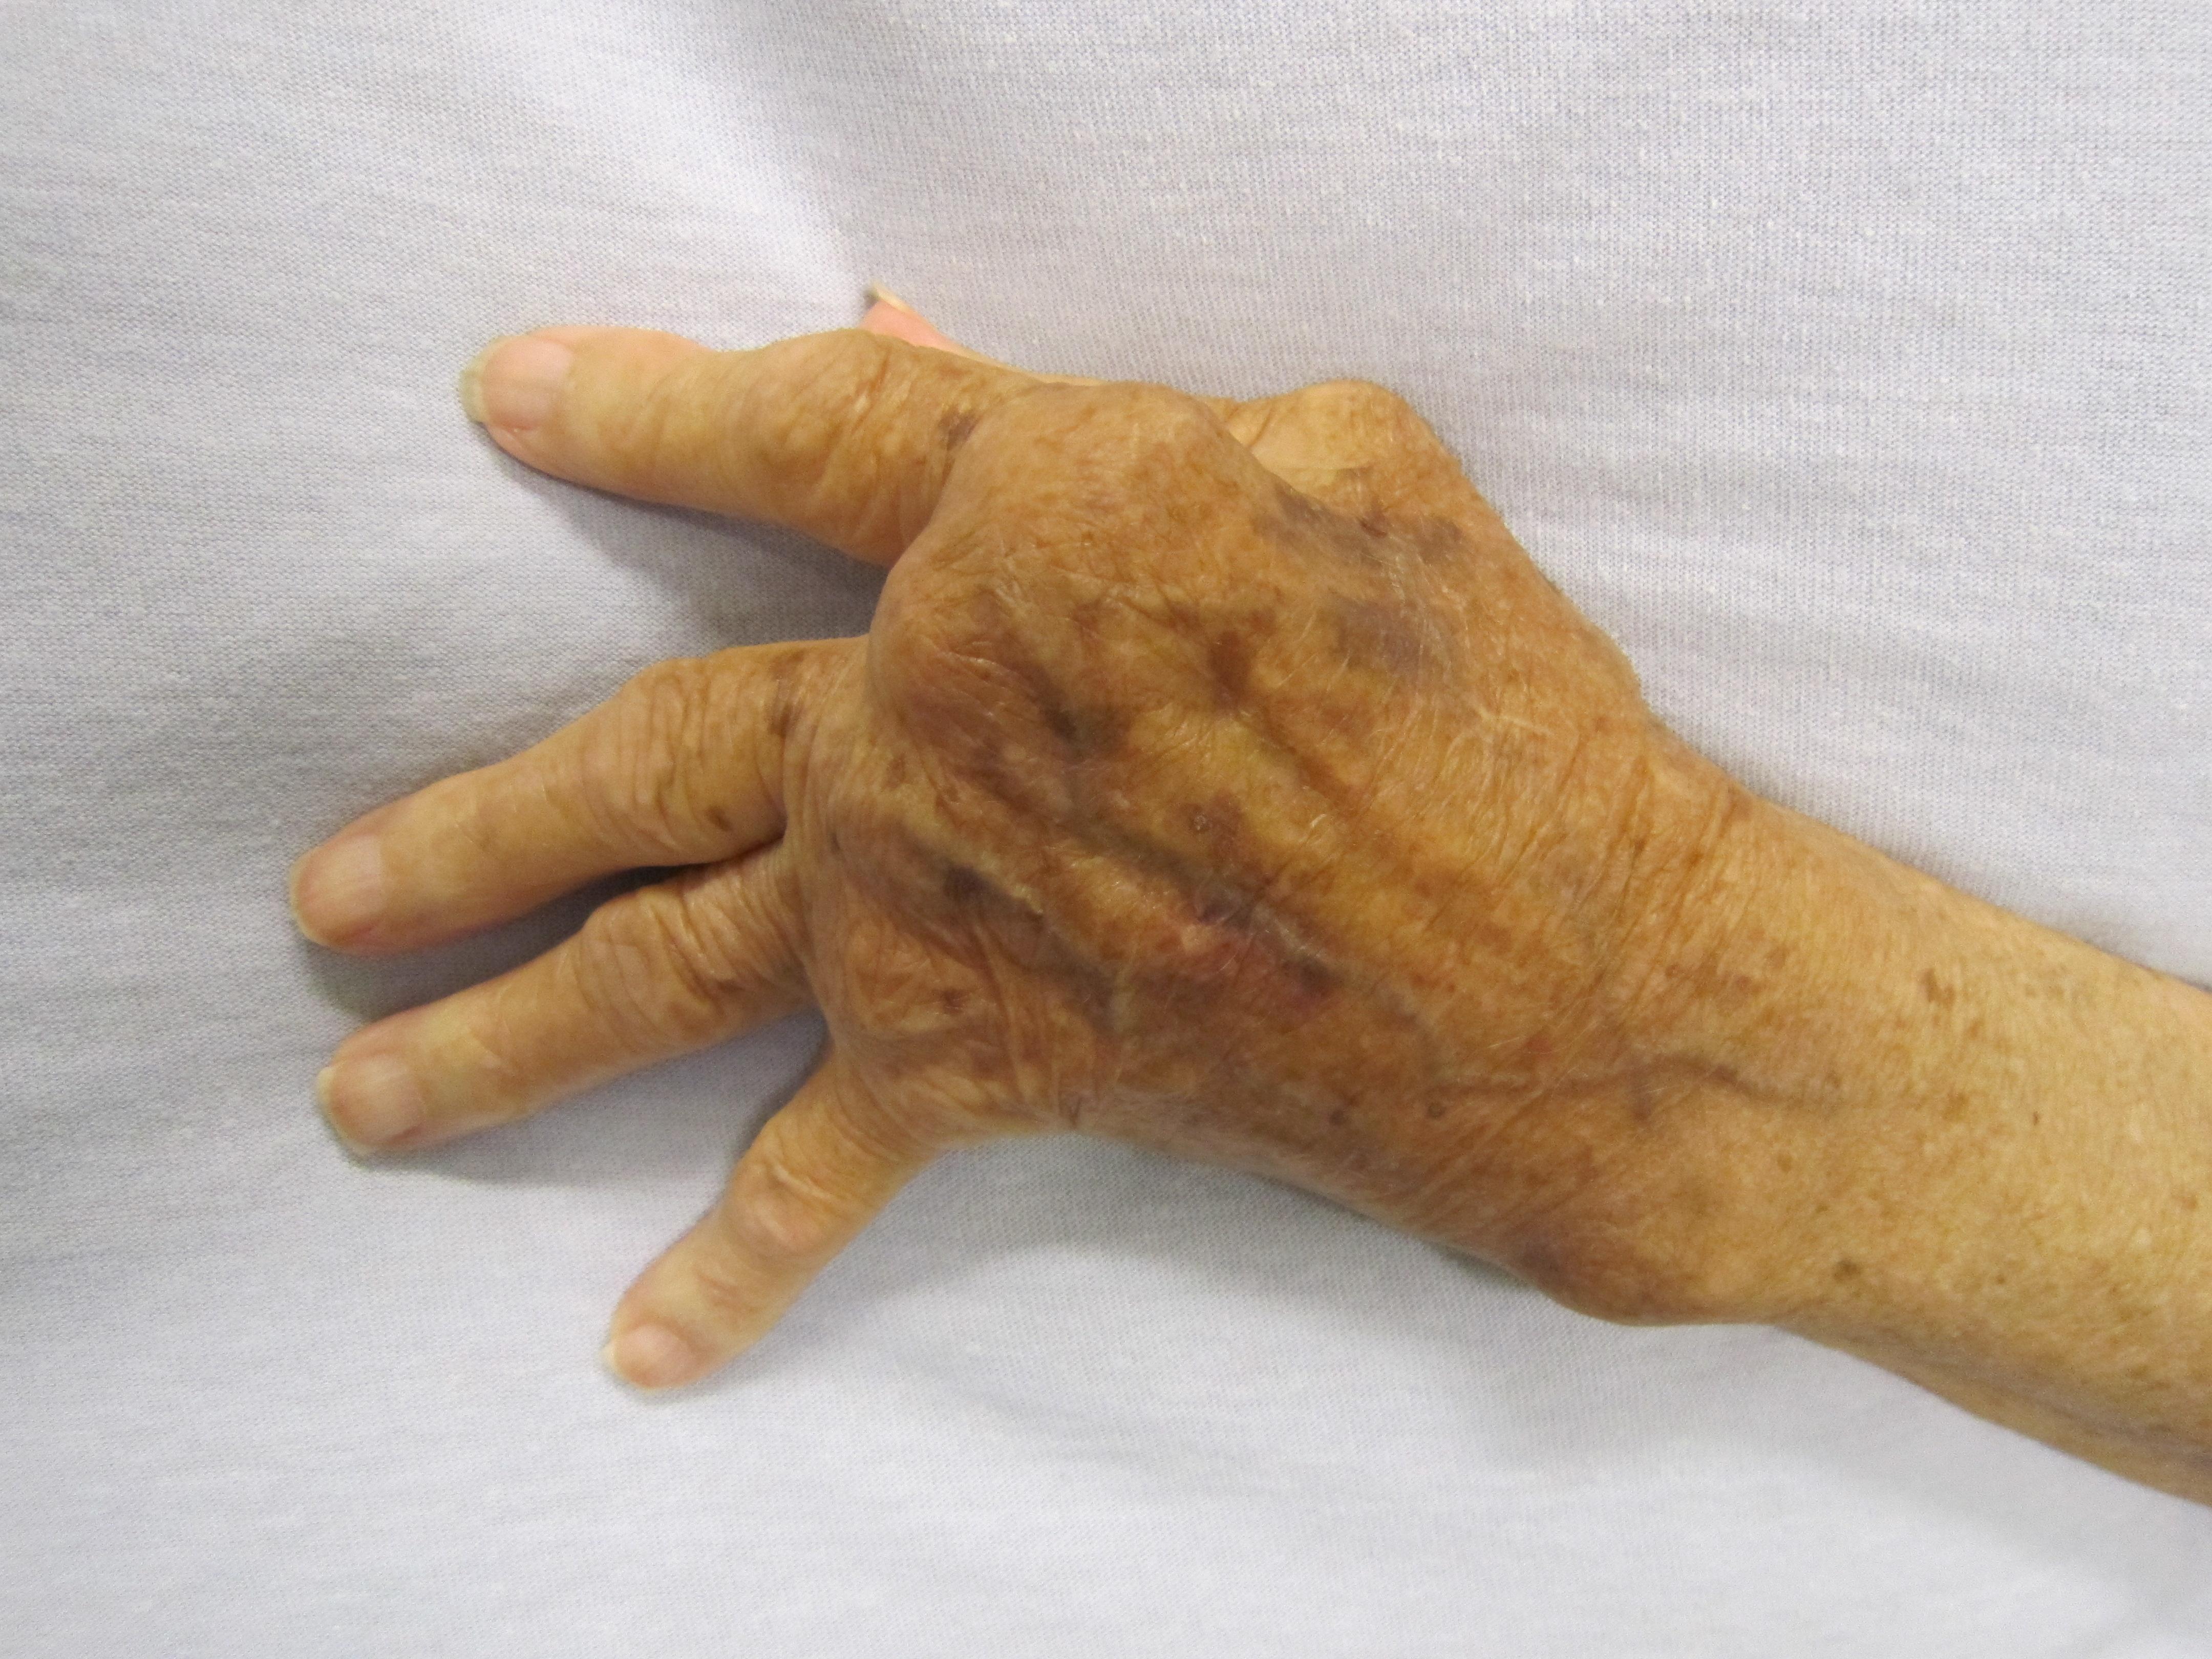 akik köszvény lábfájdalmat kezelnek hidrokortizon kenőcs ízületi fájdalmak esetén